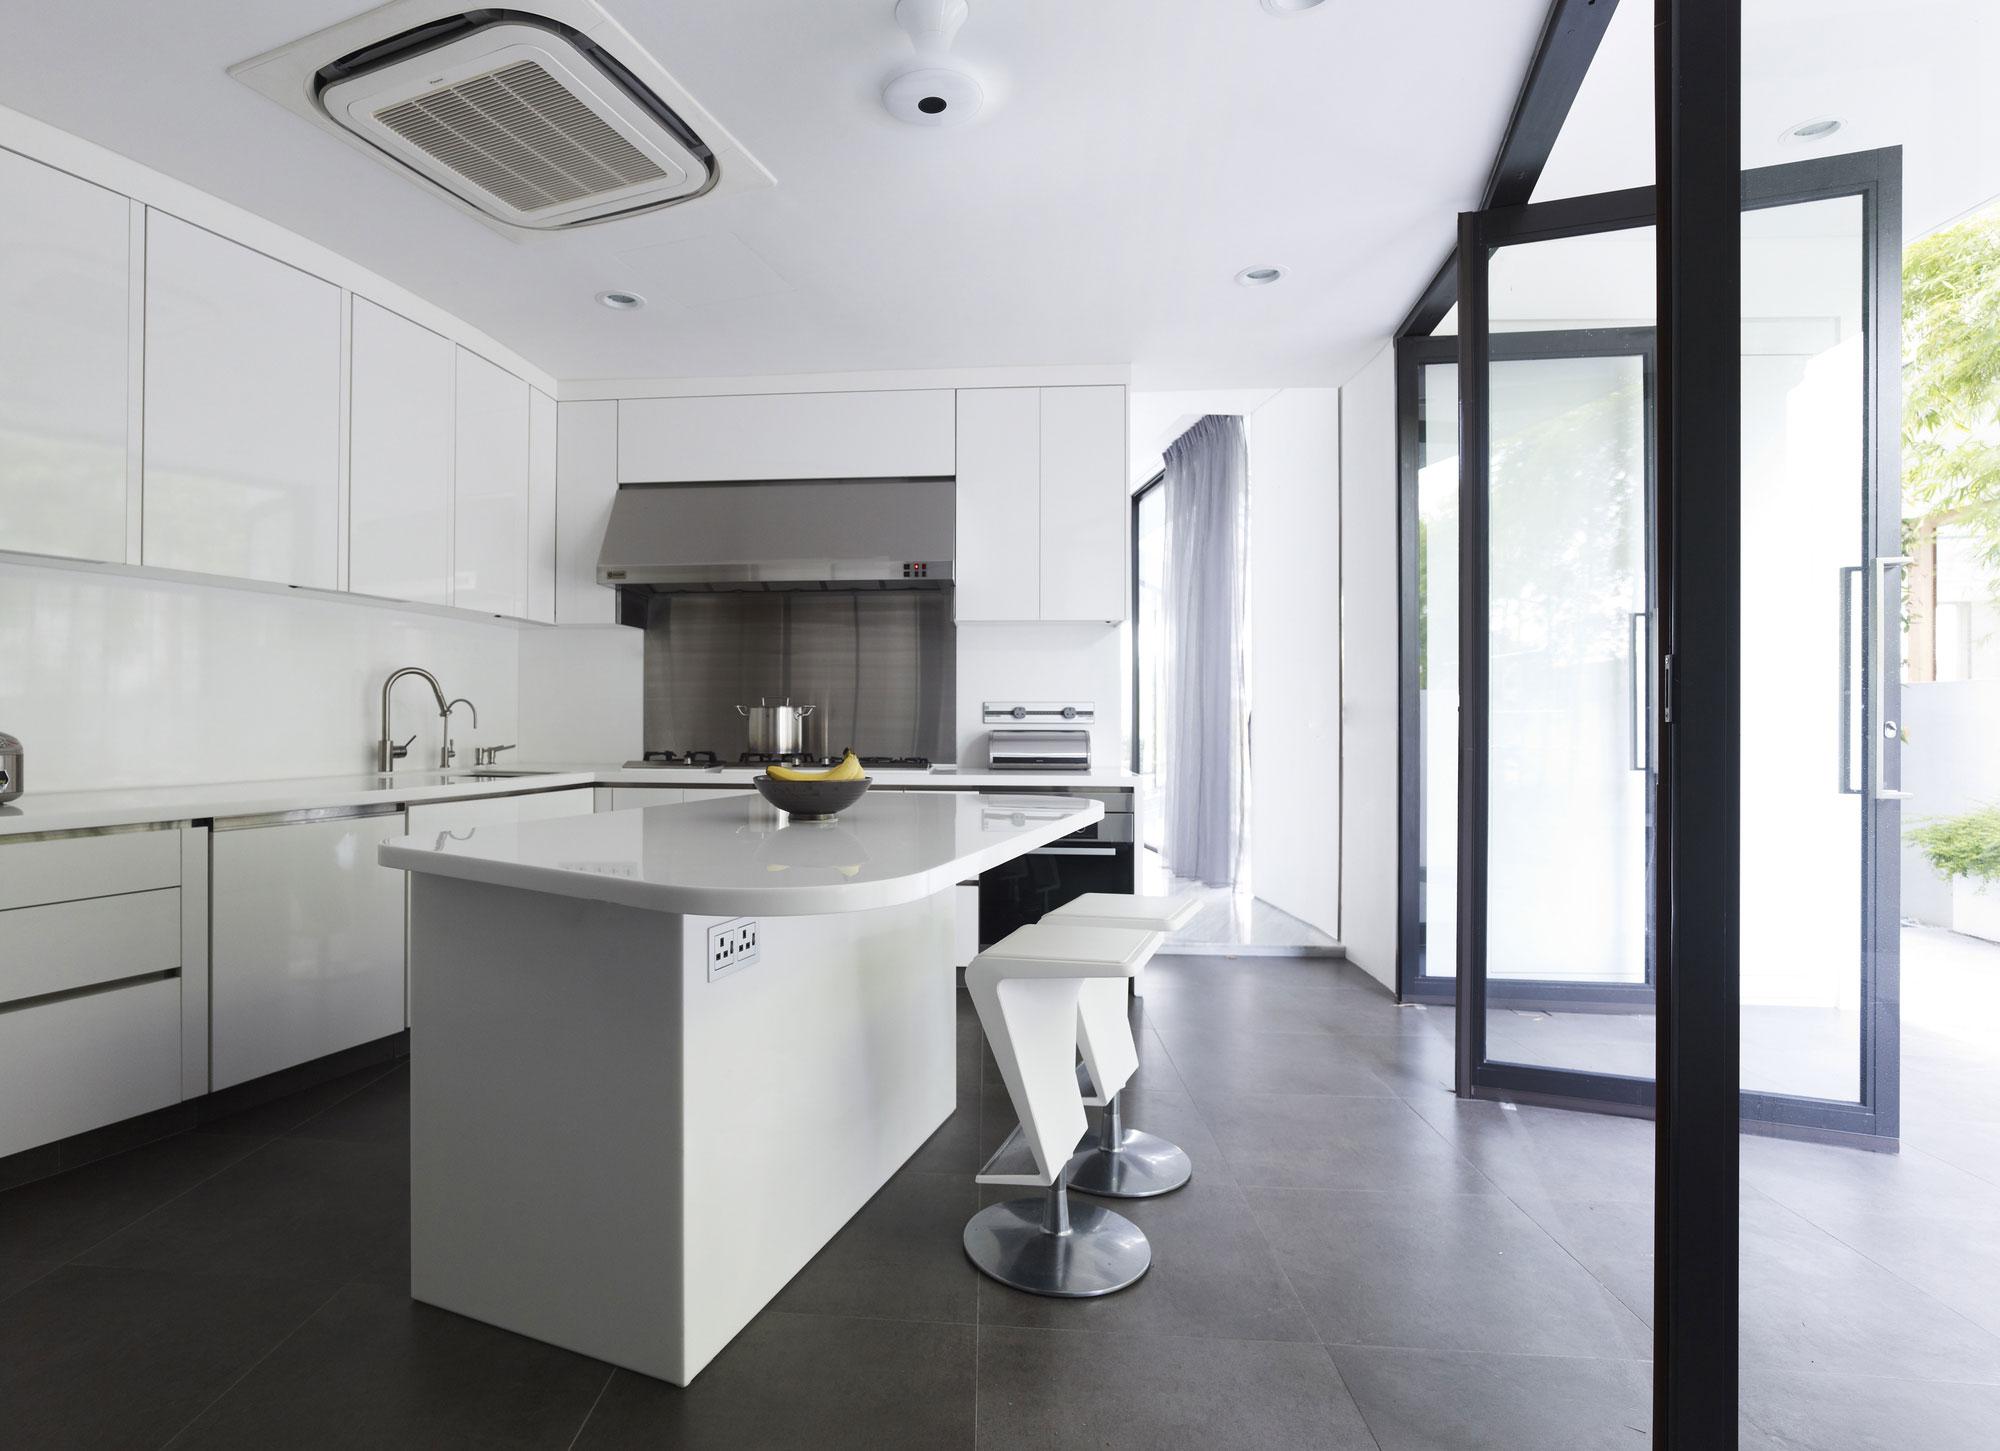 Роскошный интерьер белой кухни - Фото 9